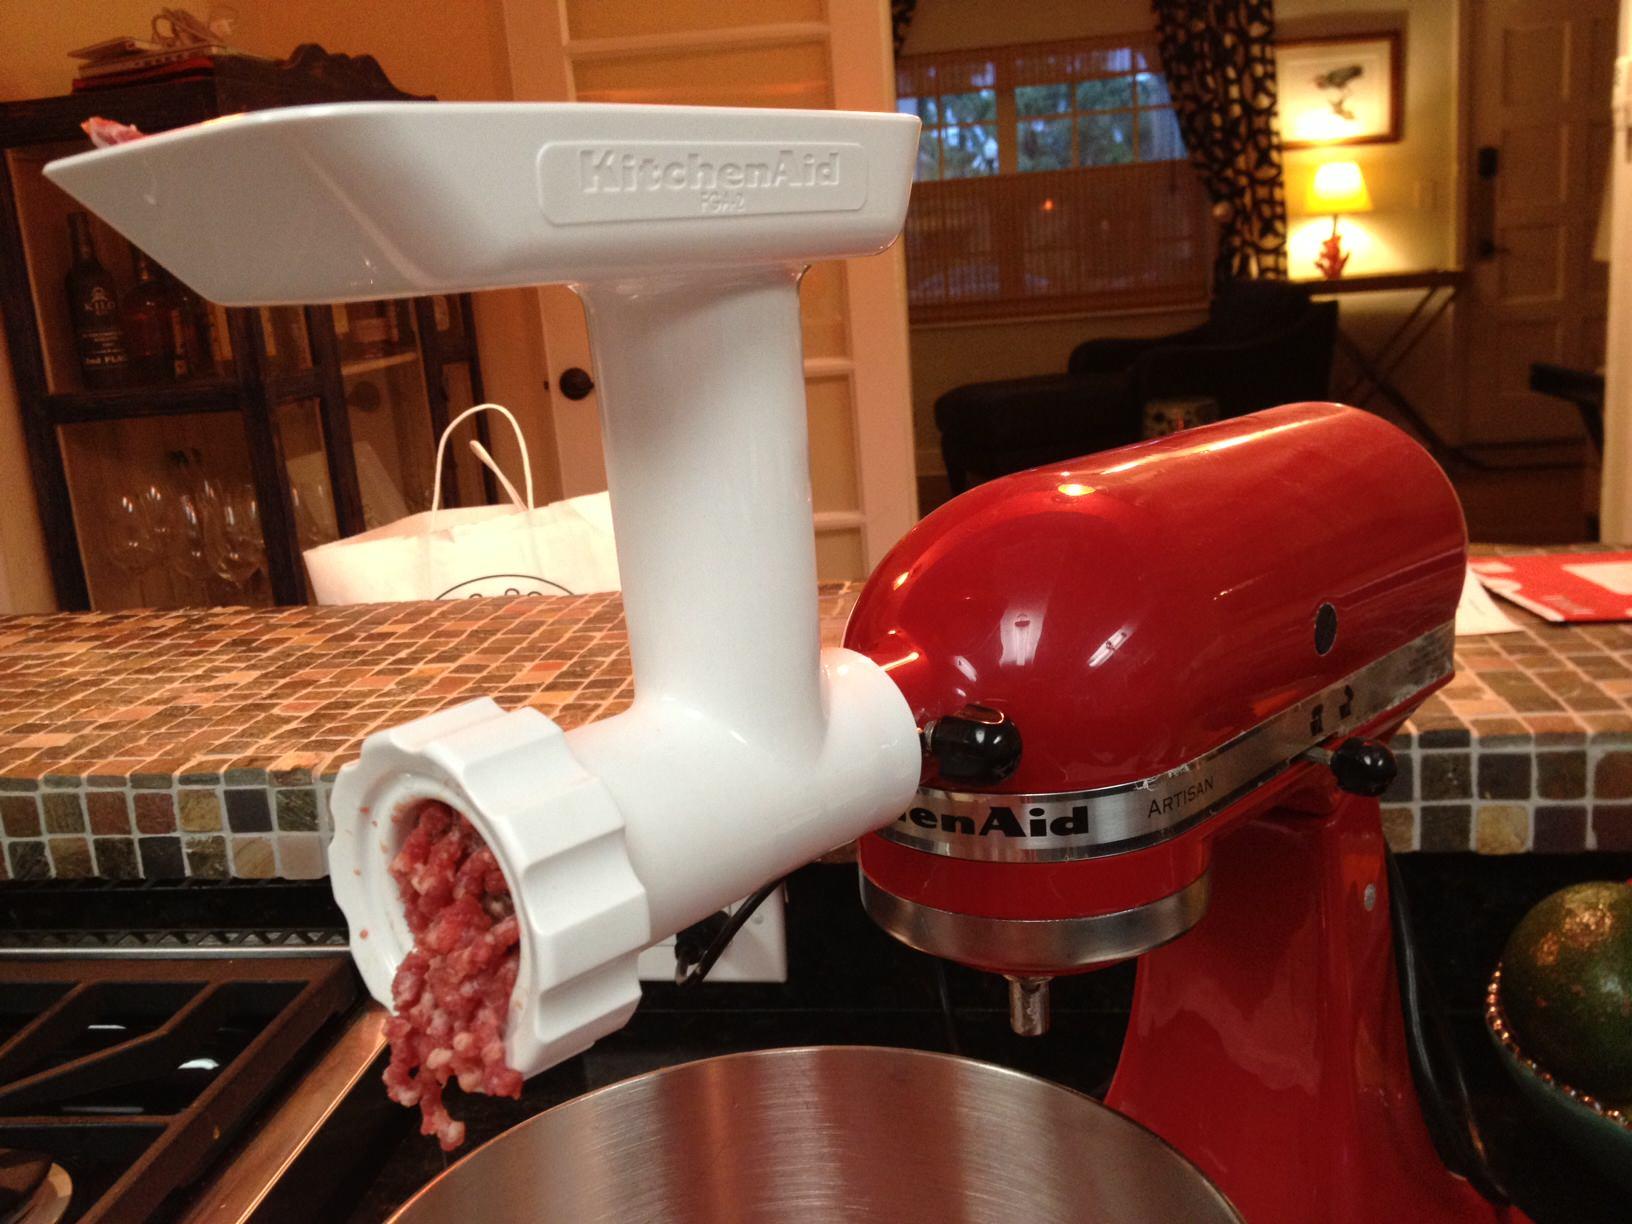 Kitchen aid meat grinder photo - 3